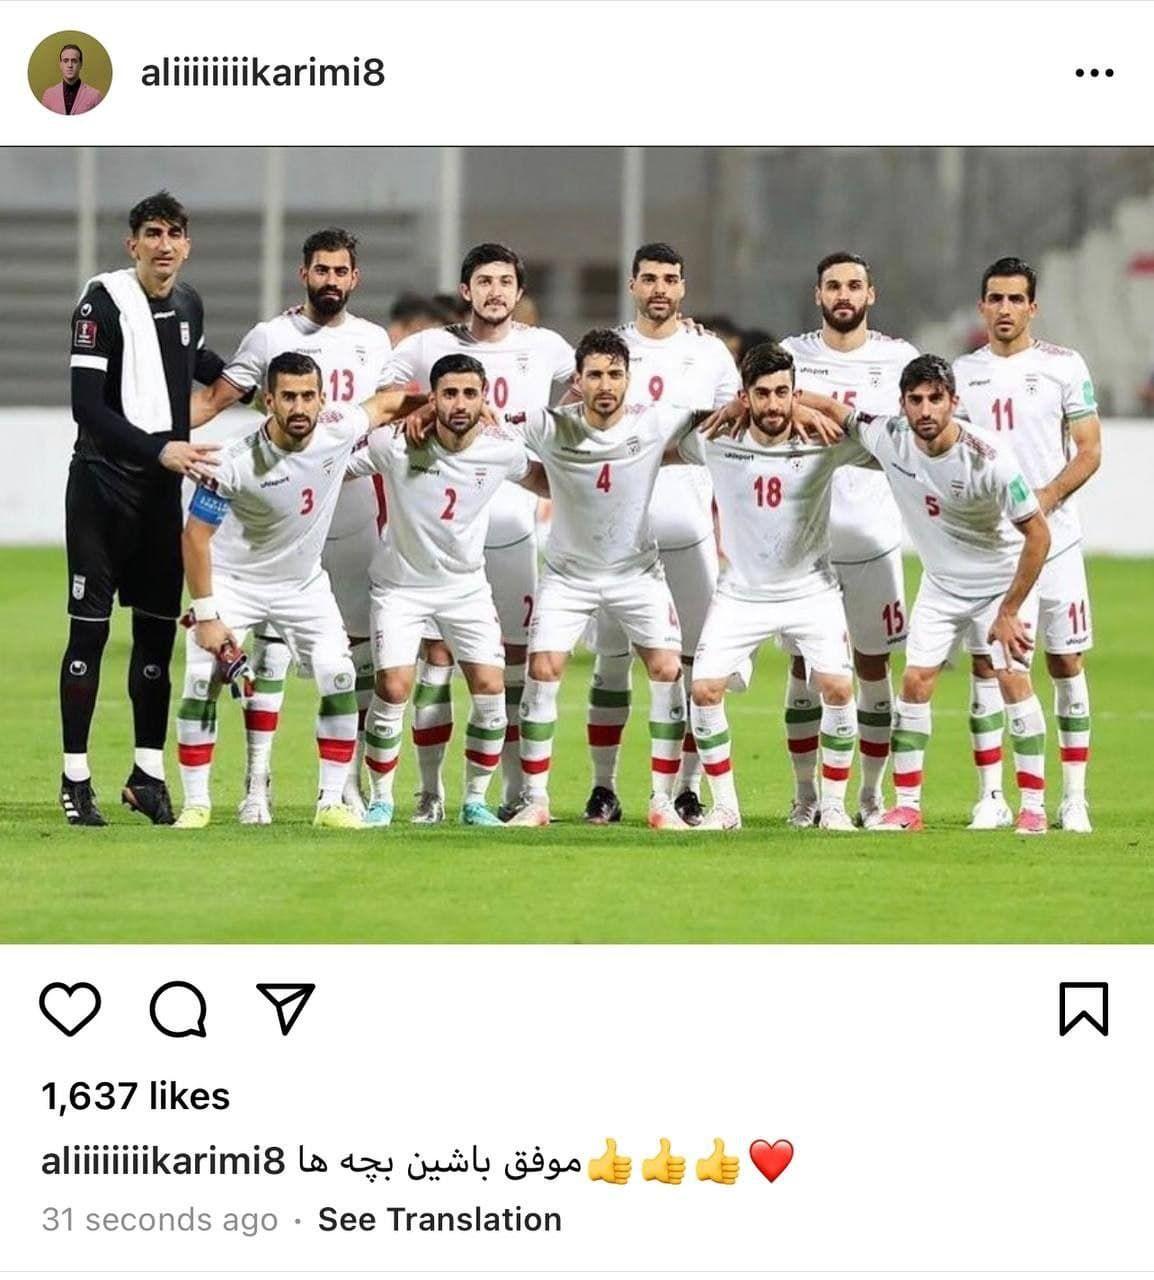 پیام علی کریمی برای بازیکنان تیم ملی/عکس